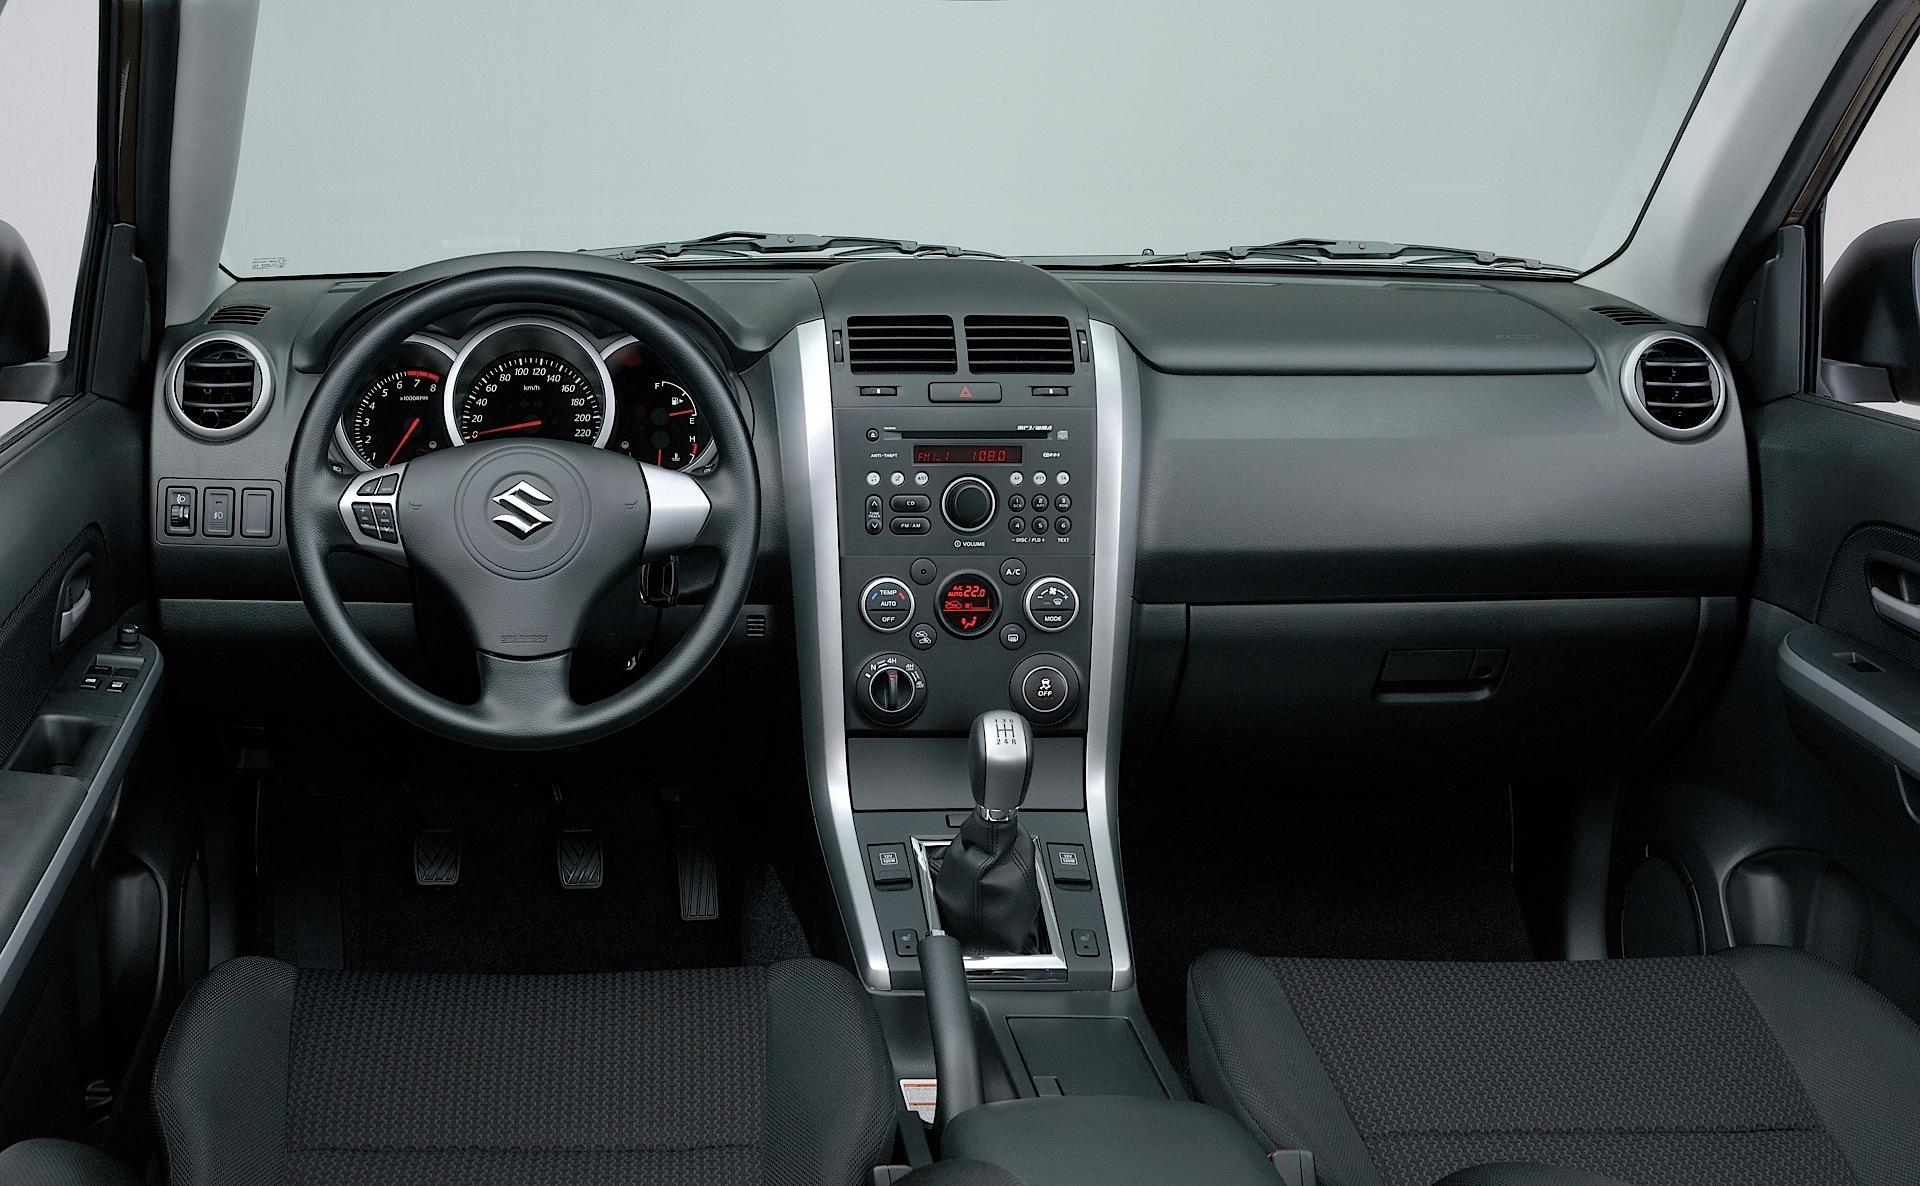 Suzuki grand vitara 3 doors specs 2008 2009 2010 2011 for Interiores 2016